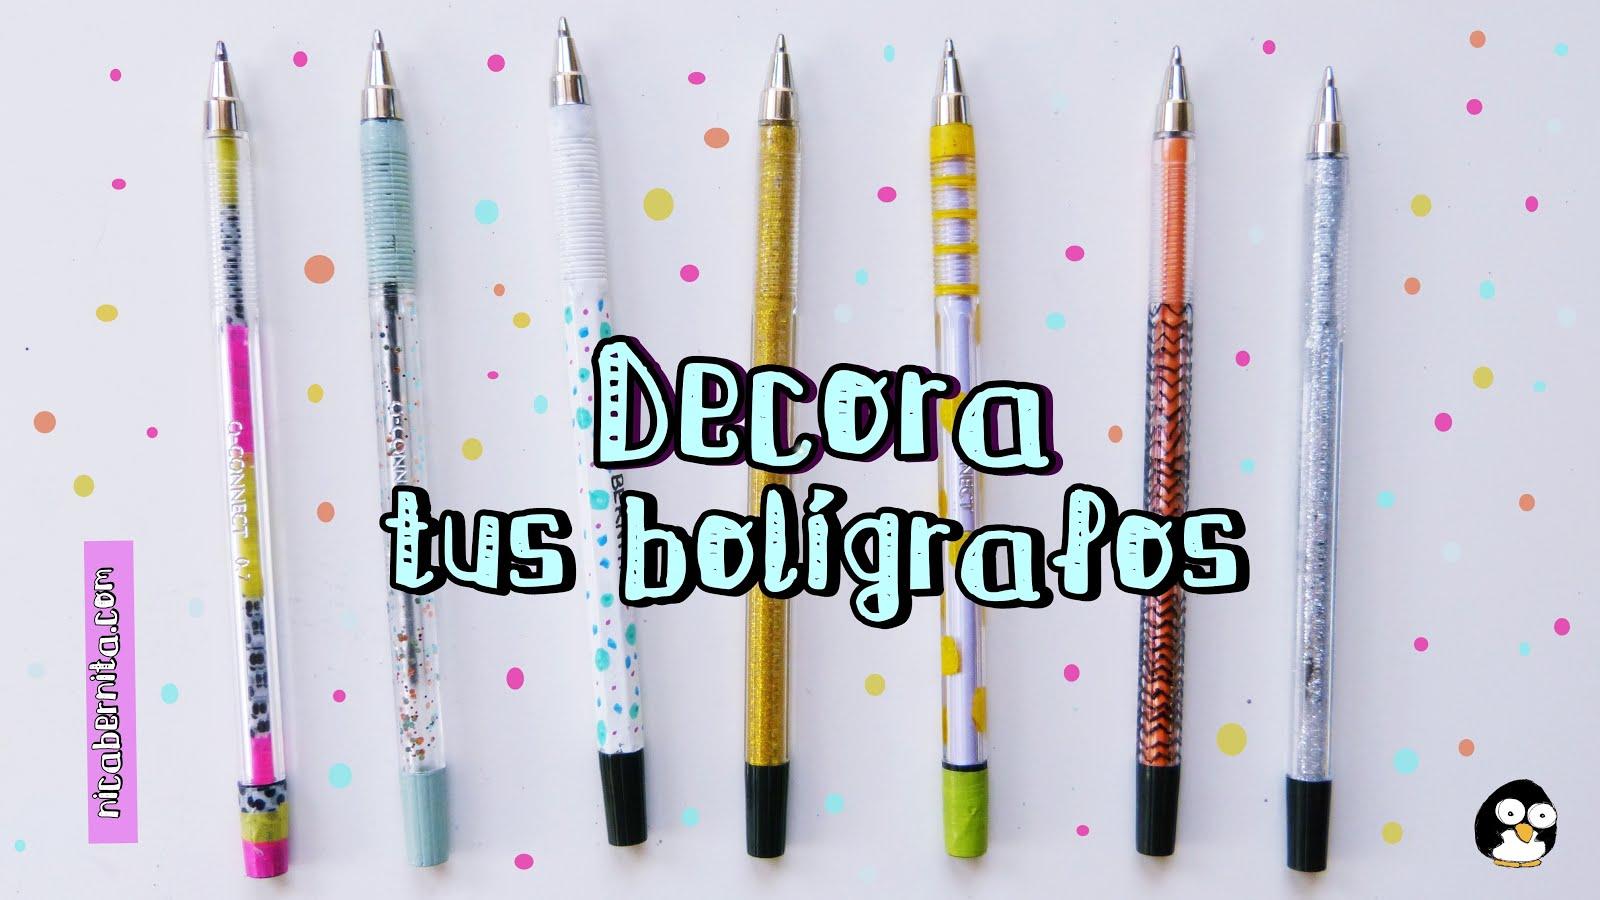 Más De 10 Ideas Para Decorar Lápices Y Bolígrafos